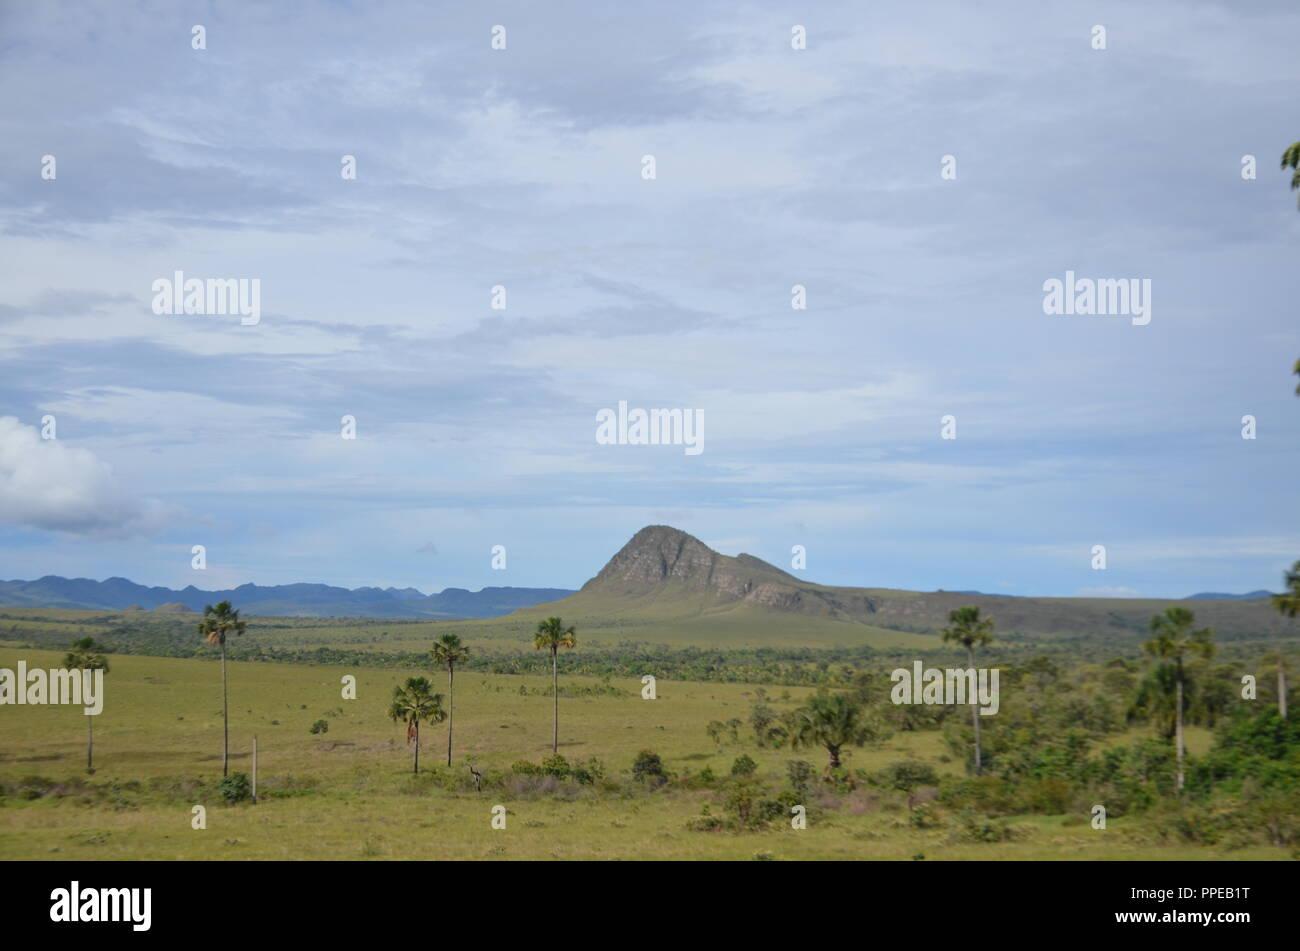 Fotografias diversas; Natureza, vida selvagem, prédios históricos, paisagens e culturas da America do  Sul. - Stock Image